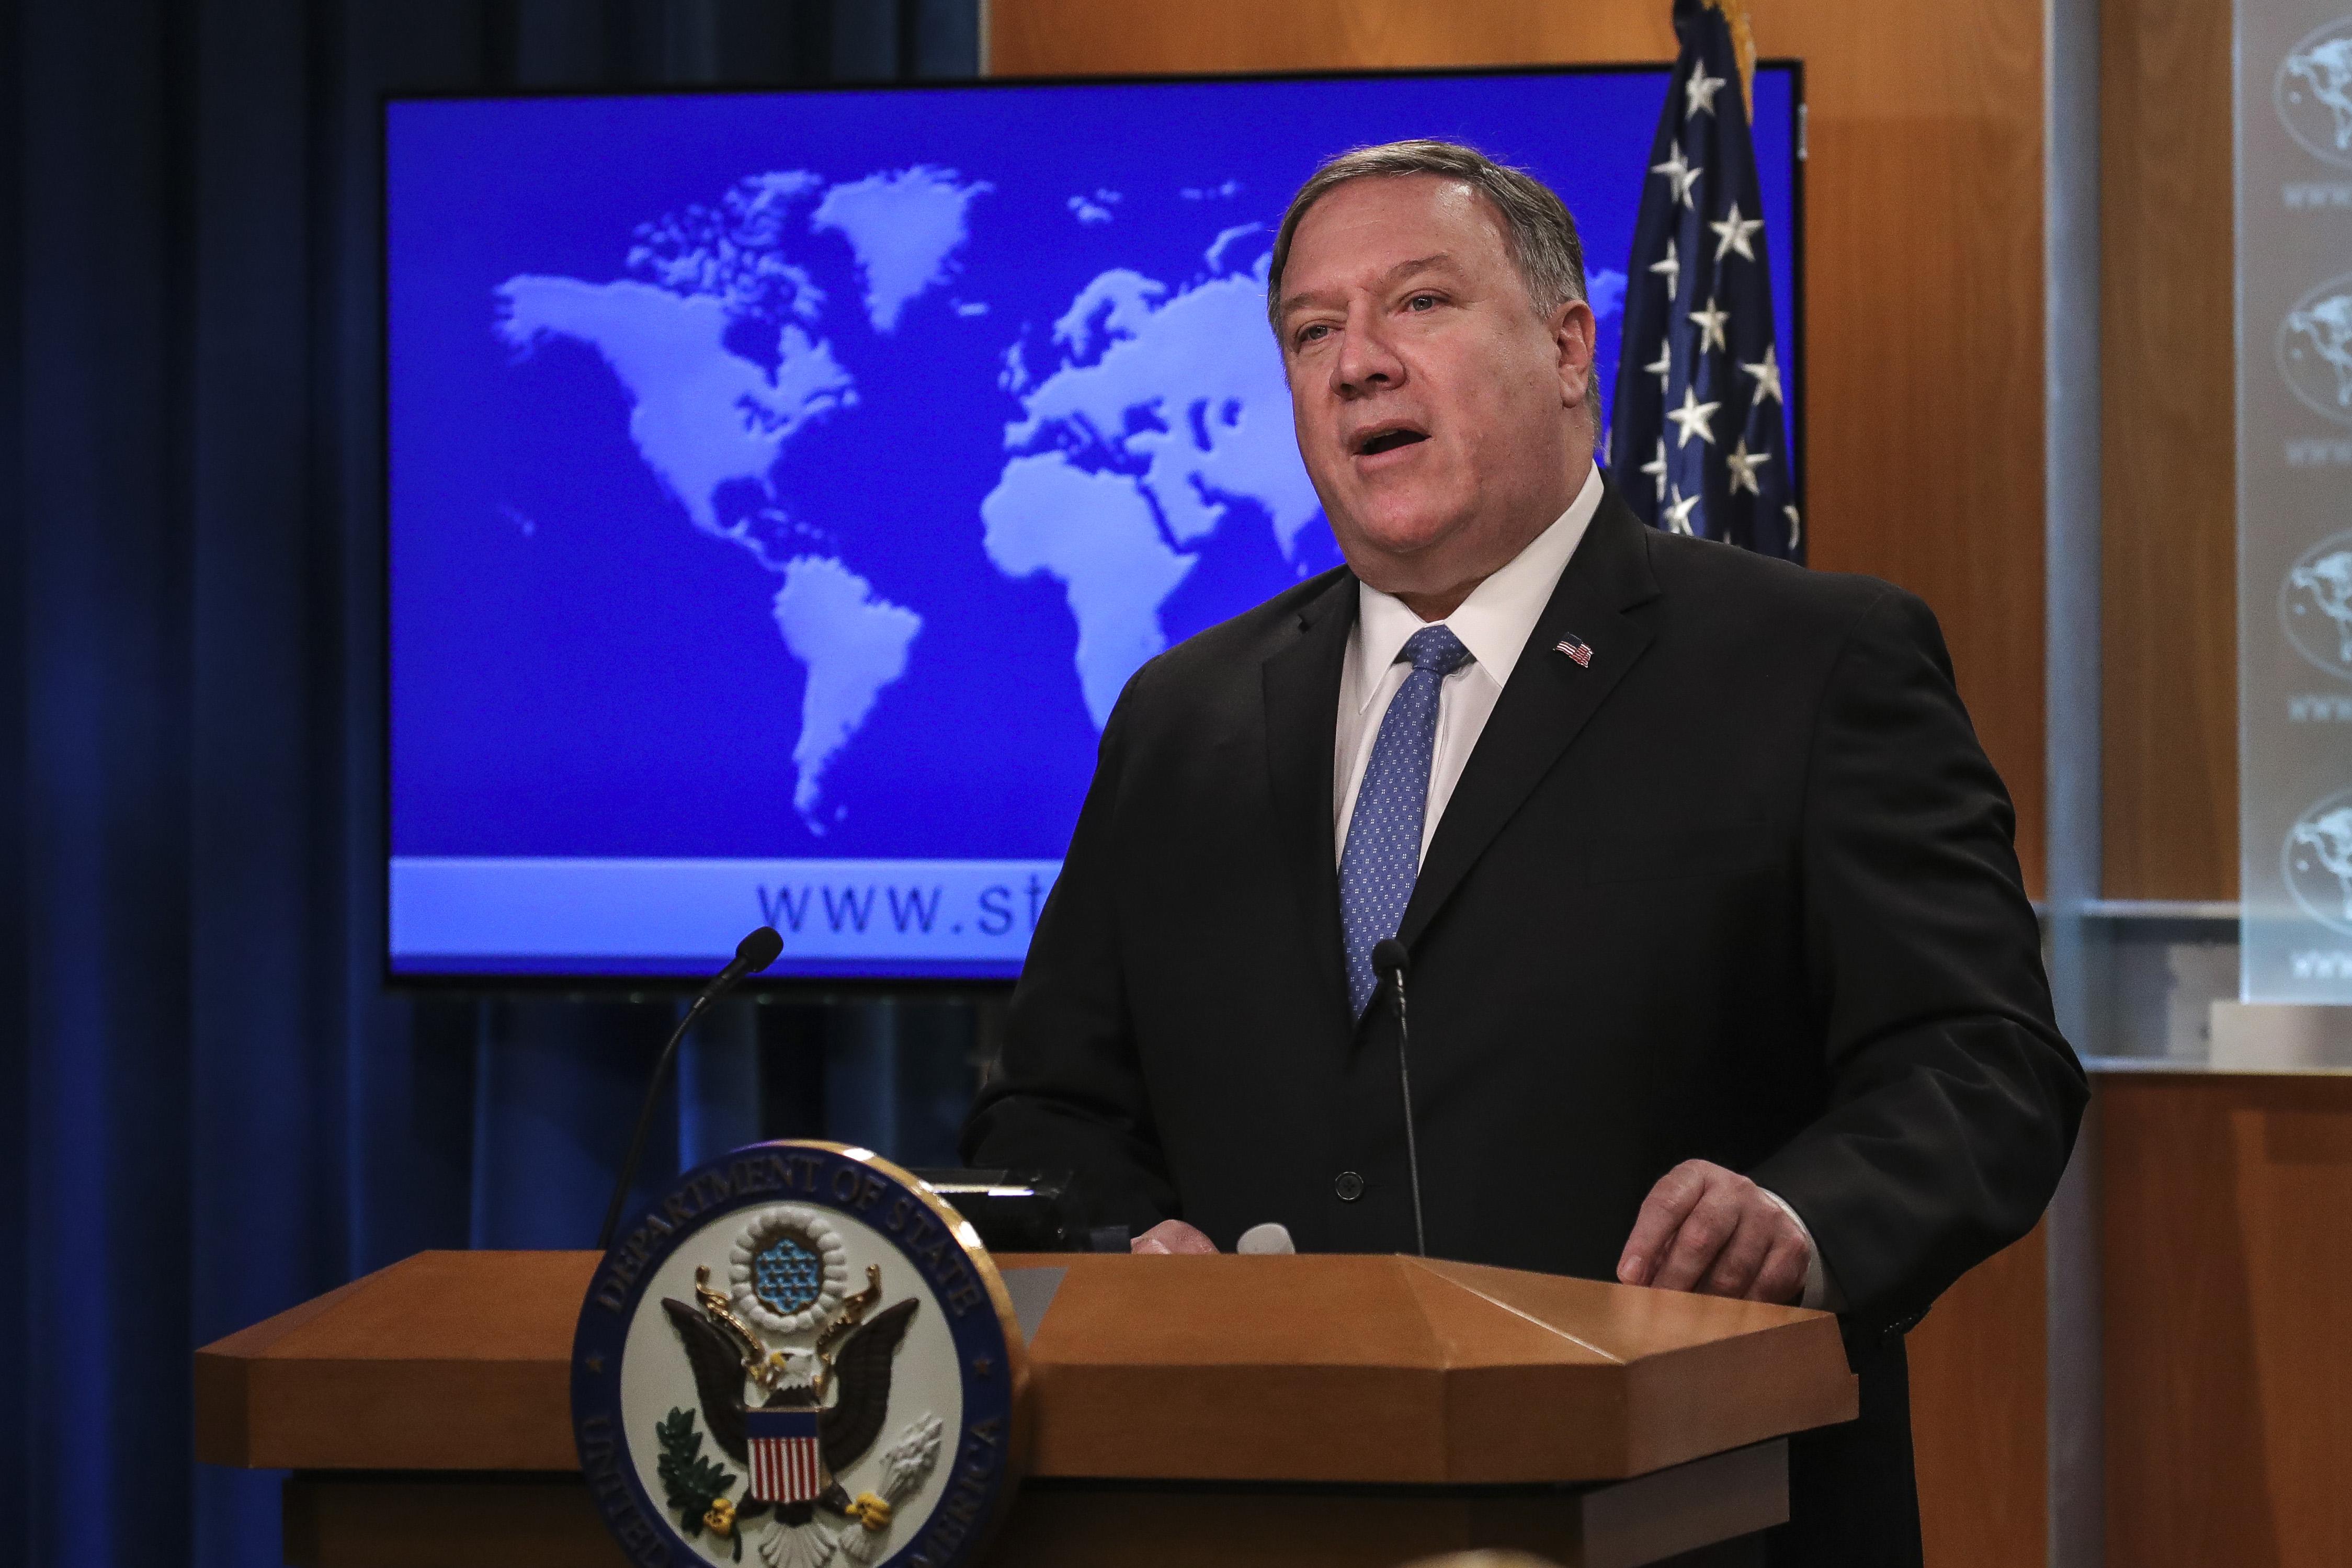 周曉輝:美國強力施壓古巴 敲山也震北京